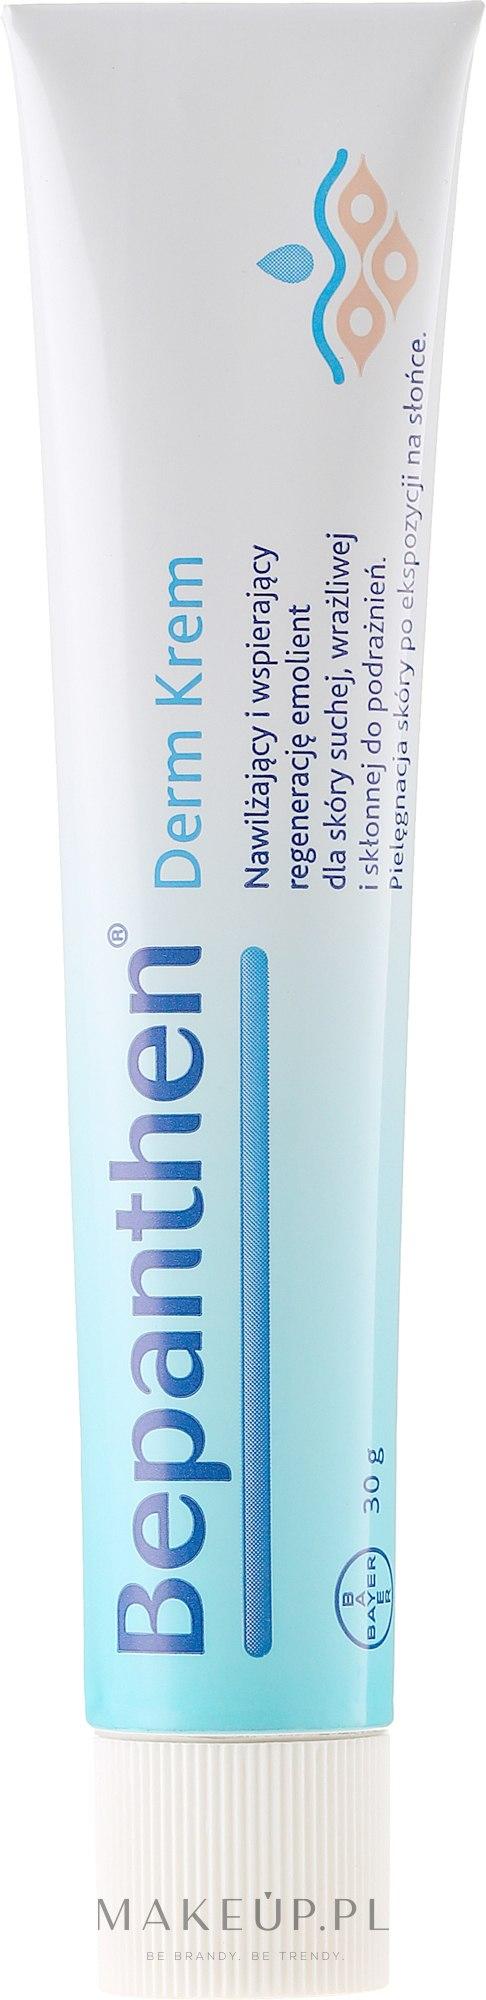 Nawilżający krem wspierający regenerację skóry suchej i podrażnionej - Bepanthen Derm Soothing Cream — фото 30 g